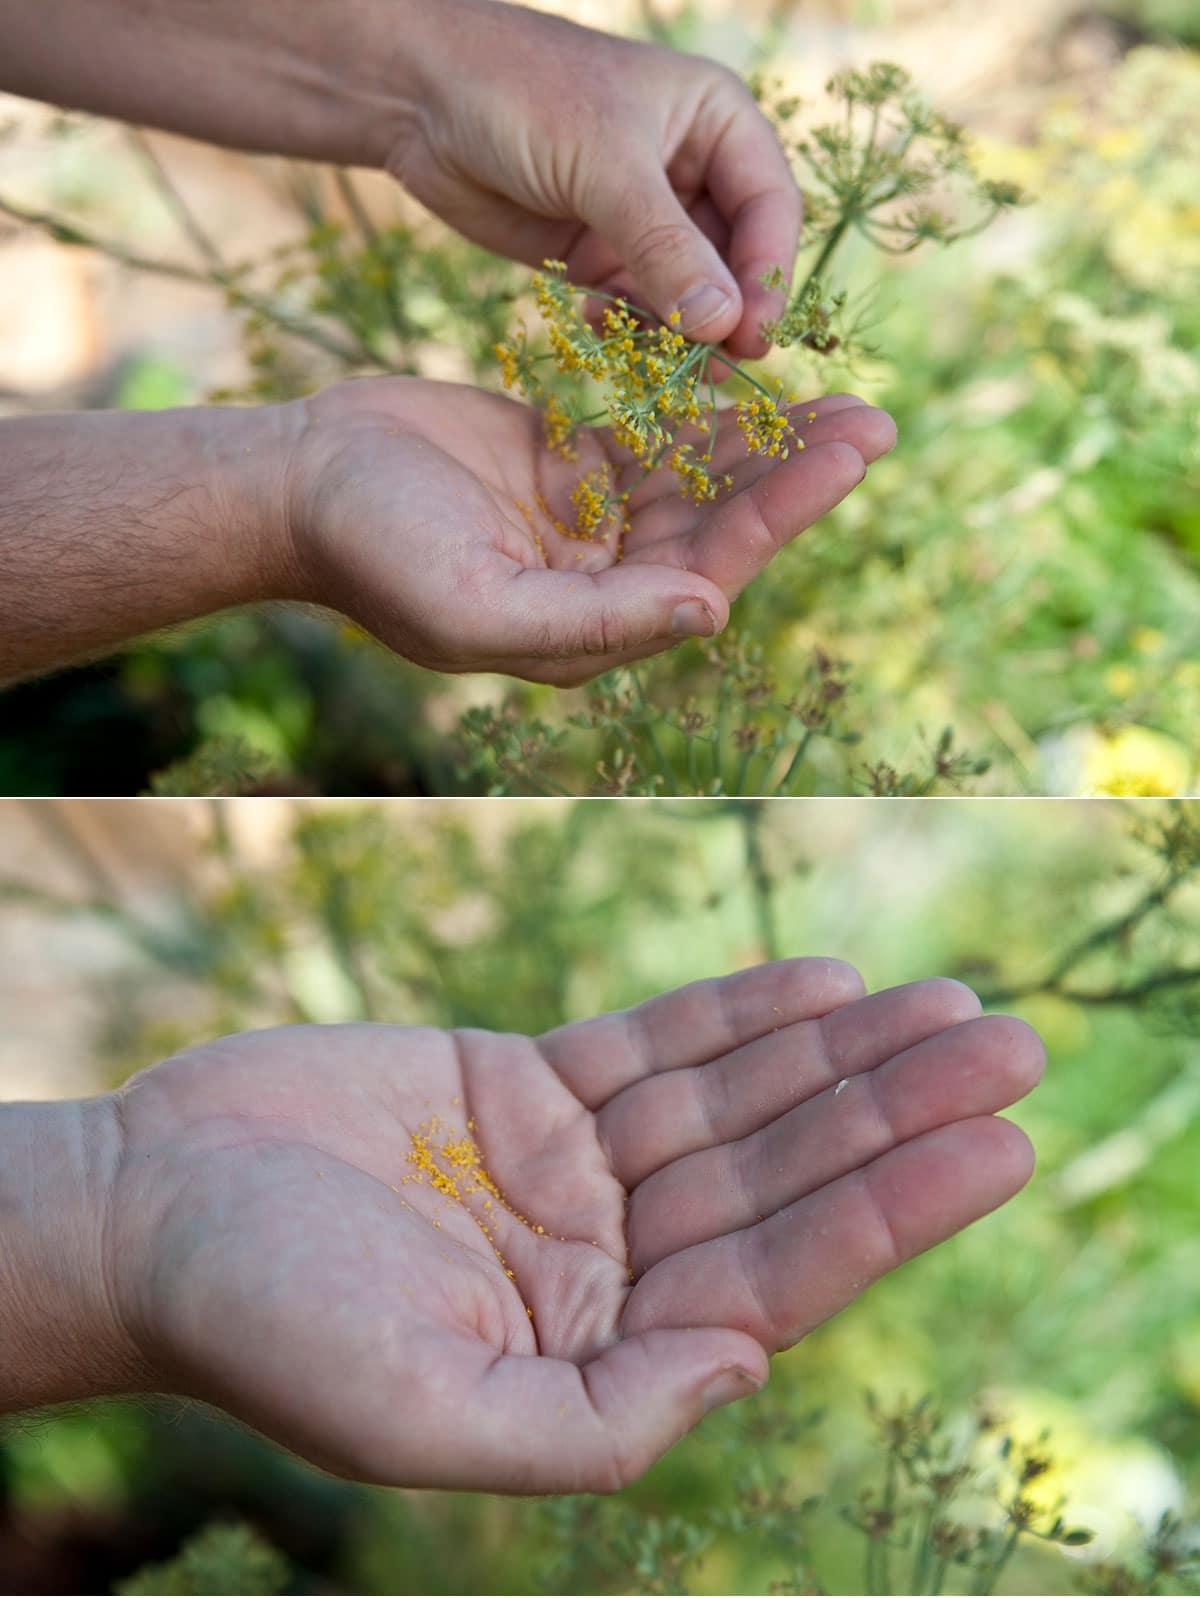 Hank Shaw gathering wild fennel pollen